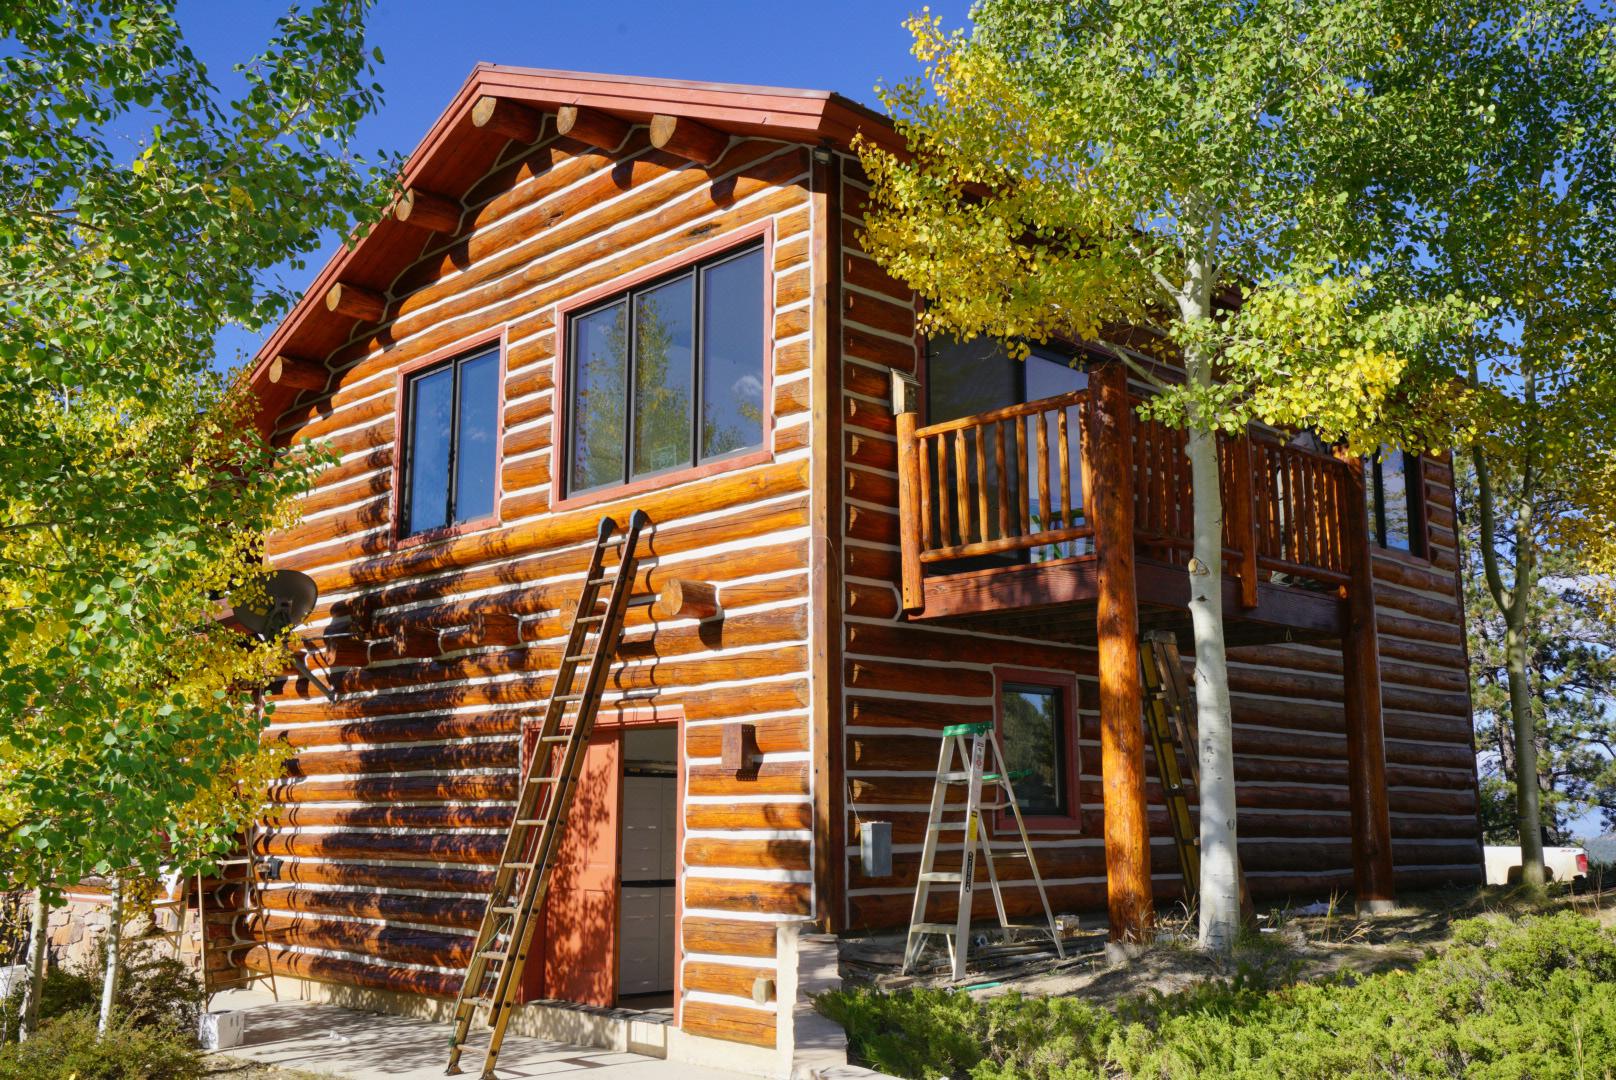 colorado bound cabins outward micro hiconsumption denver in